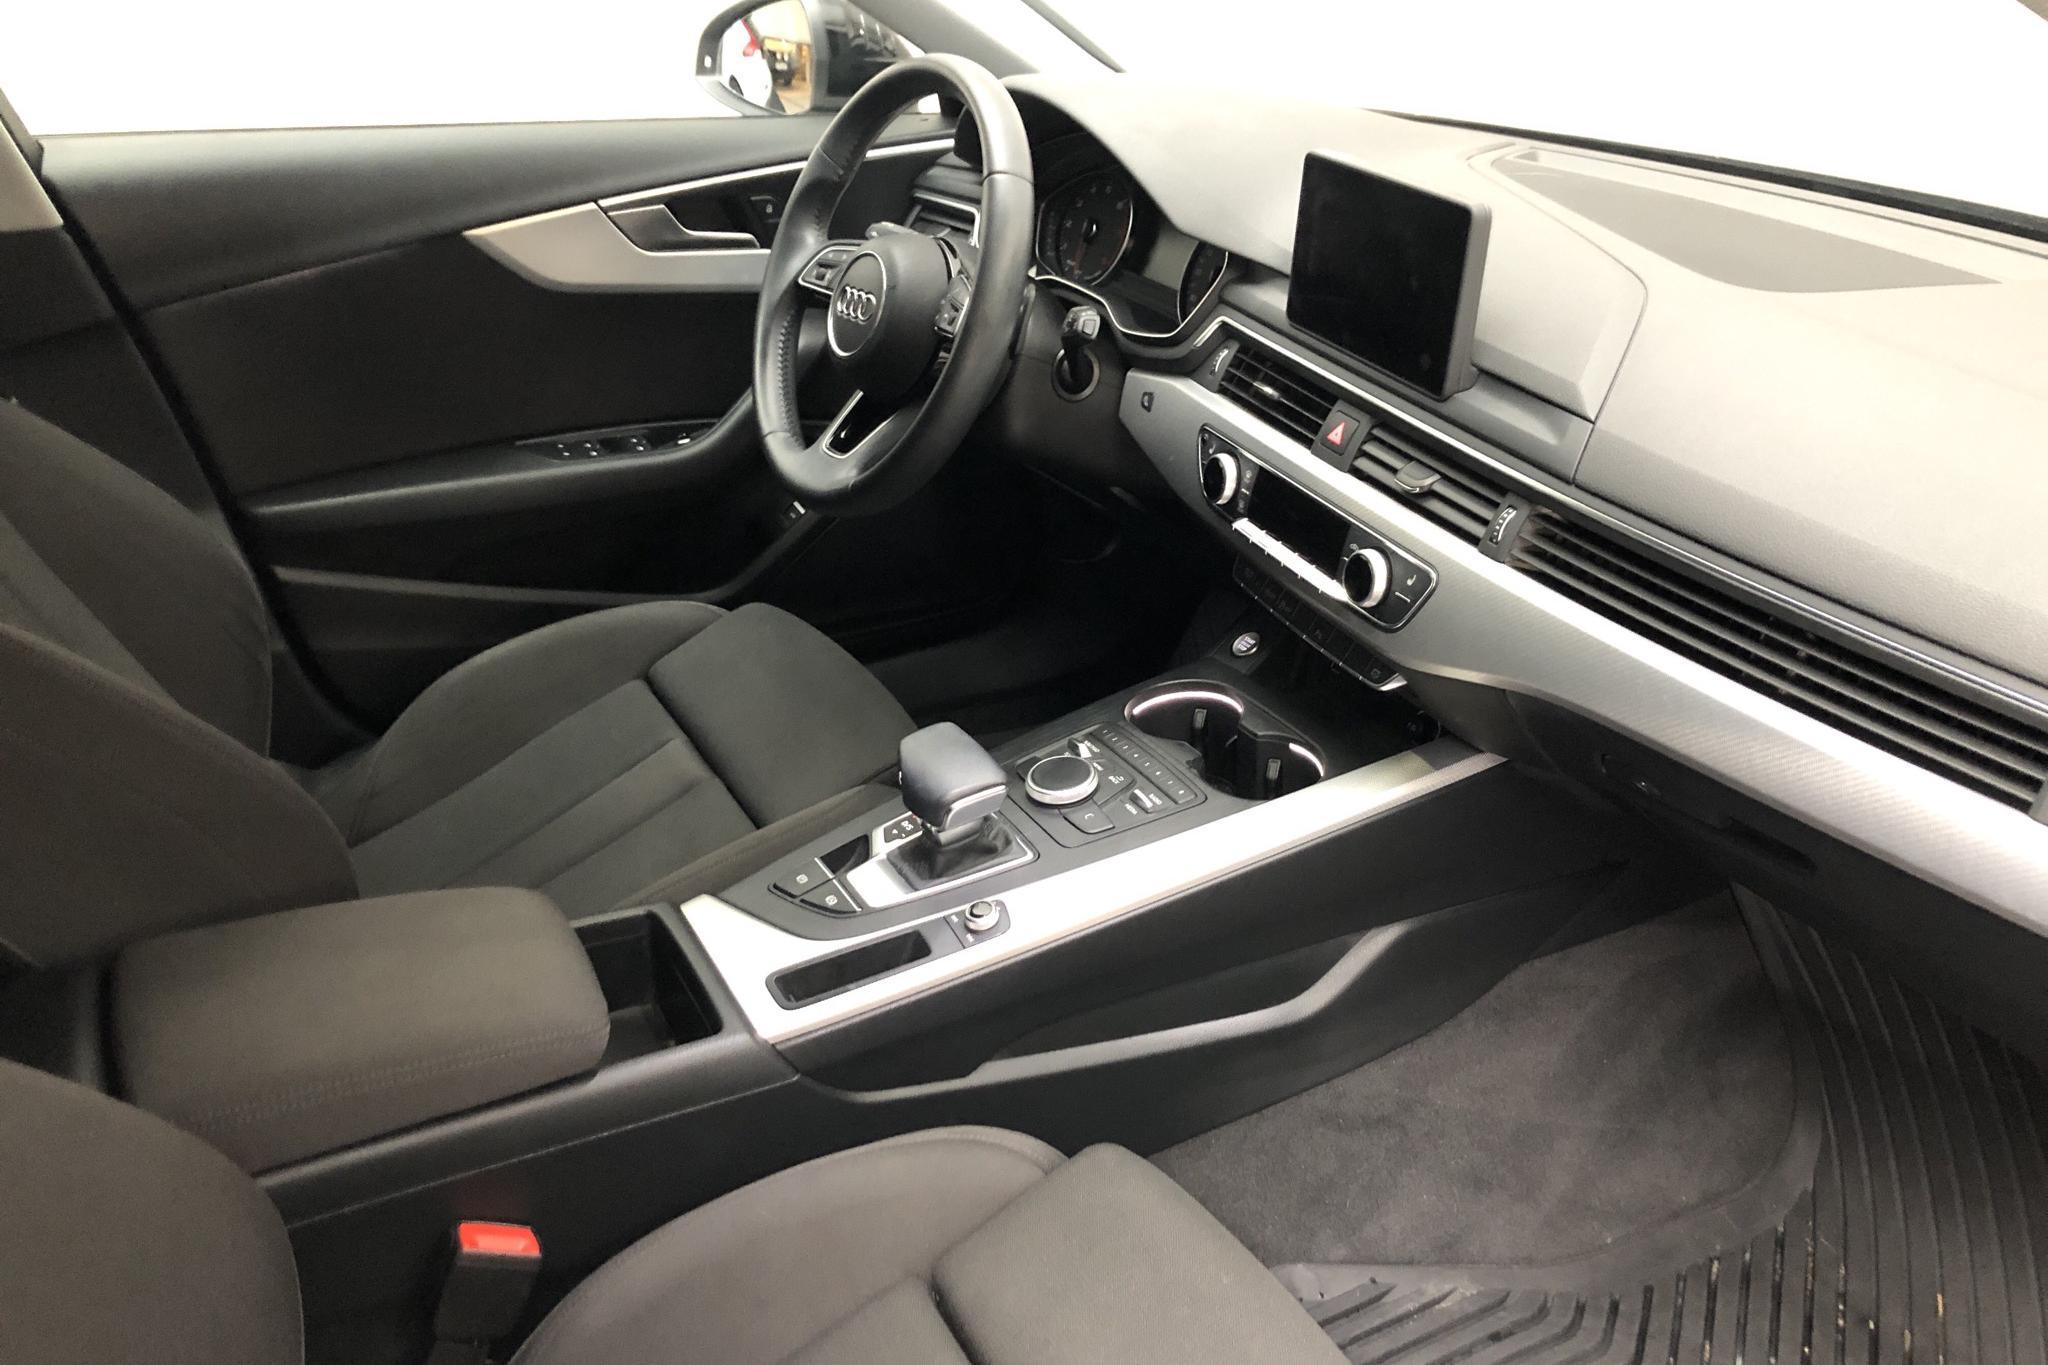 Audi A4 2.0 TFSI Avant (190hk) - 11 786 mil - Automat - svart - 2018